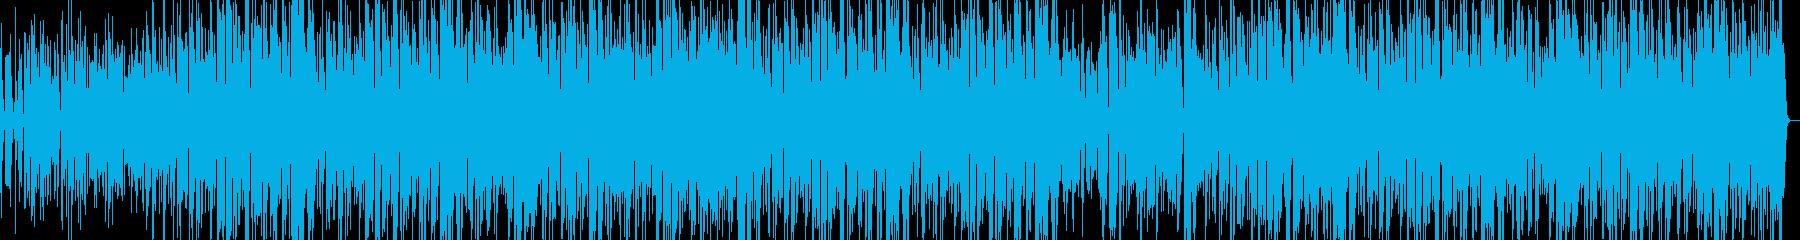 サルサ。良いサックスとフルート。の再生済みの波形